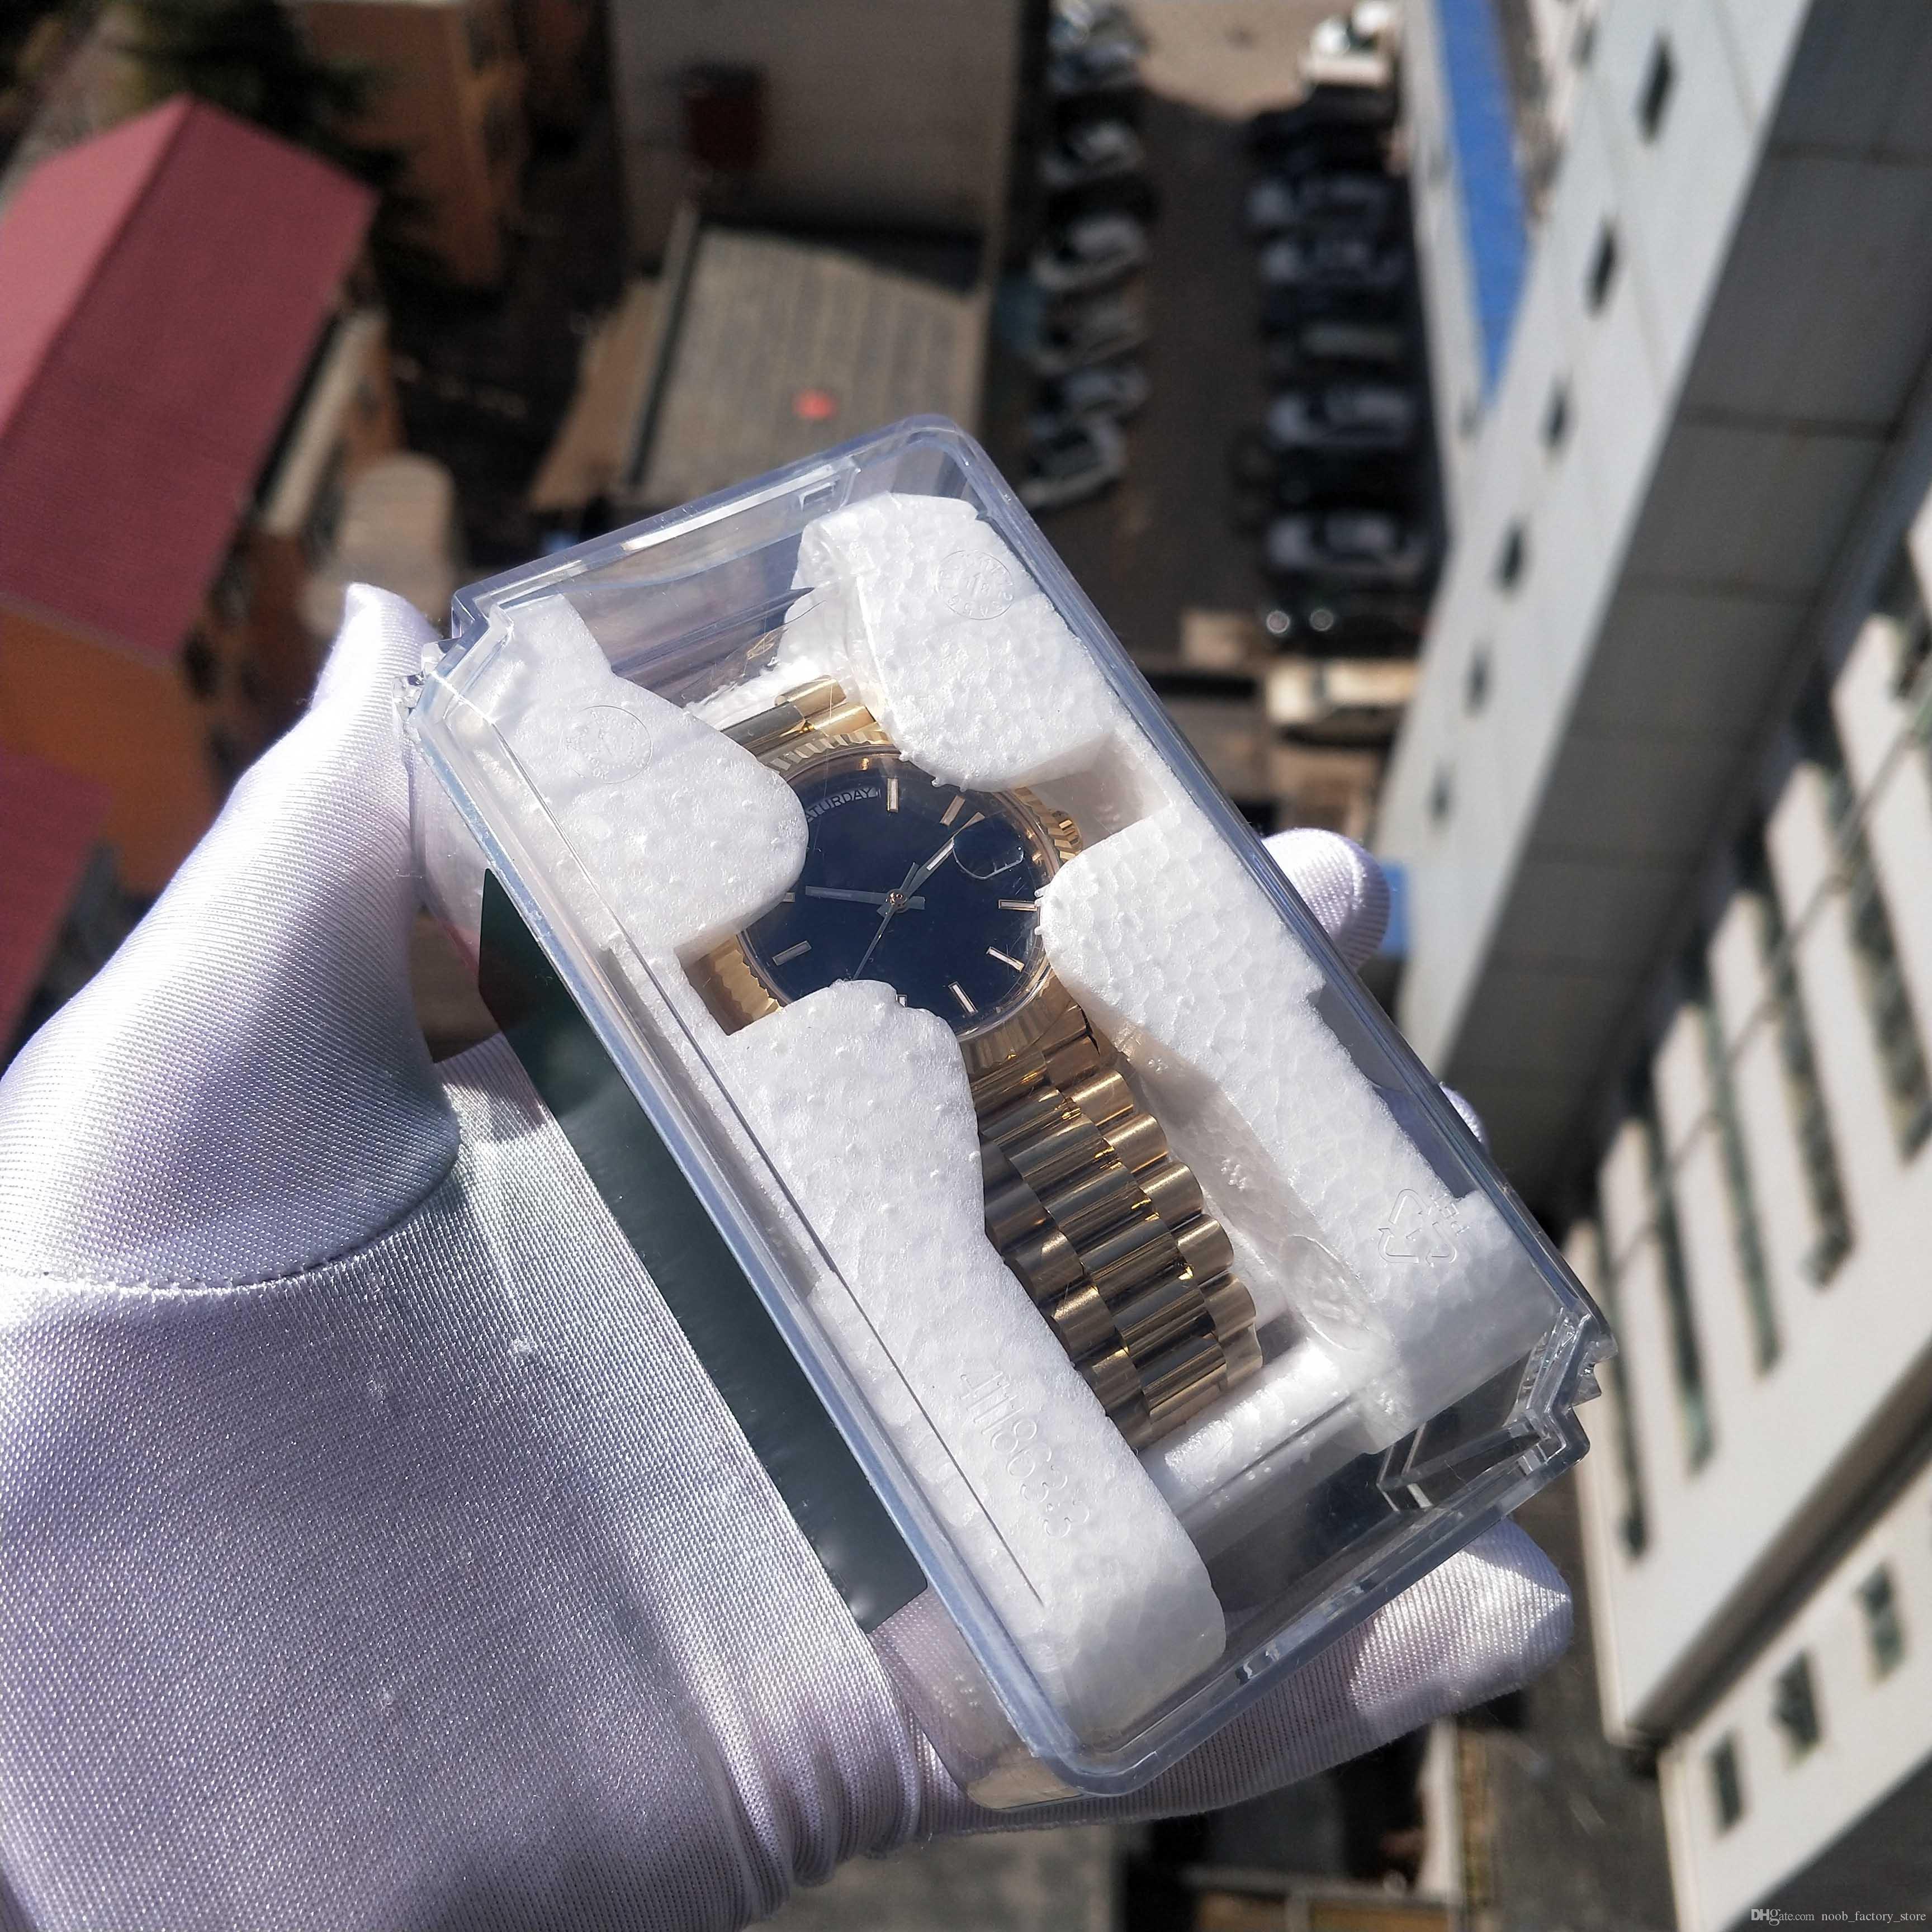 Versión de lujo de Super BP fábrica nuevo V2 PULSERA cuadrícula de 40 mm Dial de cristal de zafiro Movimiento automático Relojes para hombre con caja de plástico original